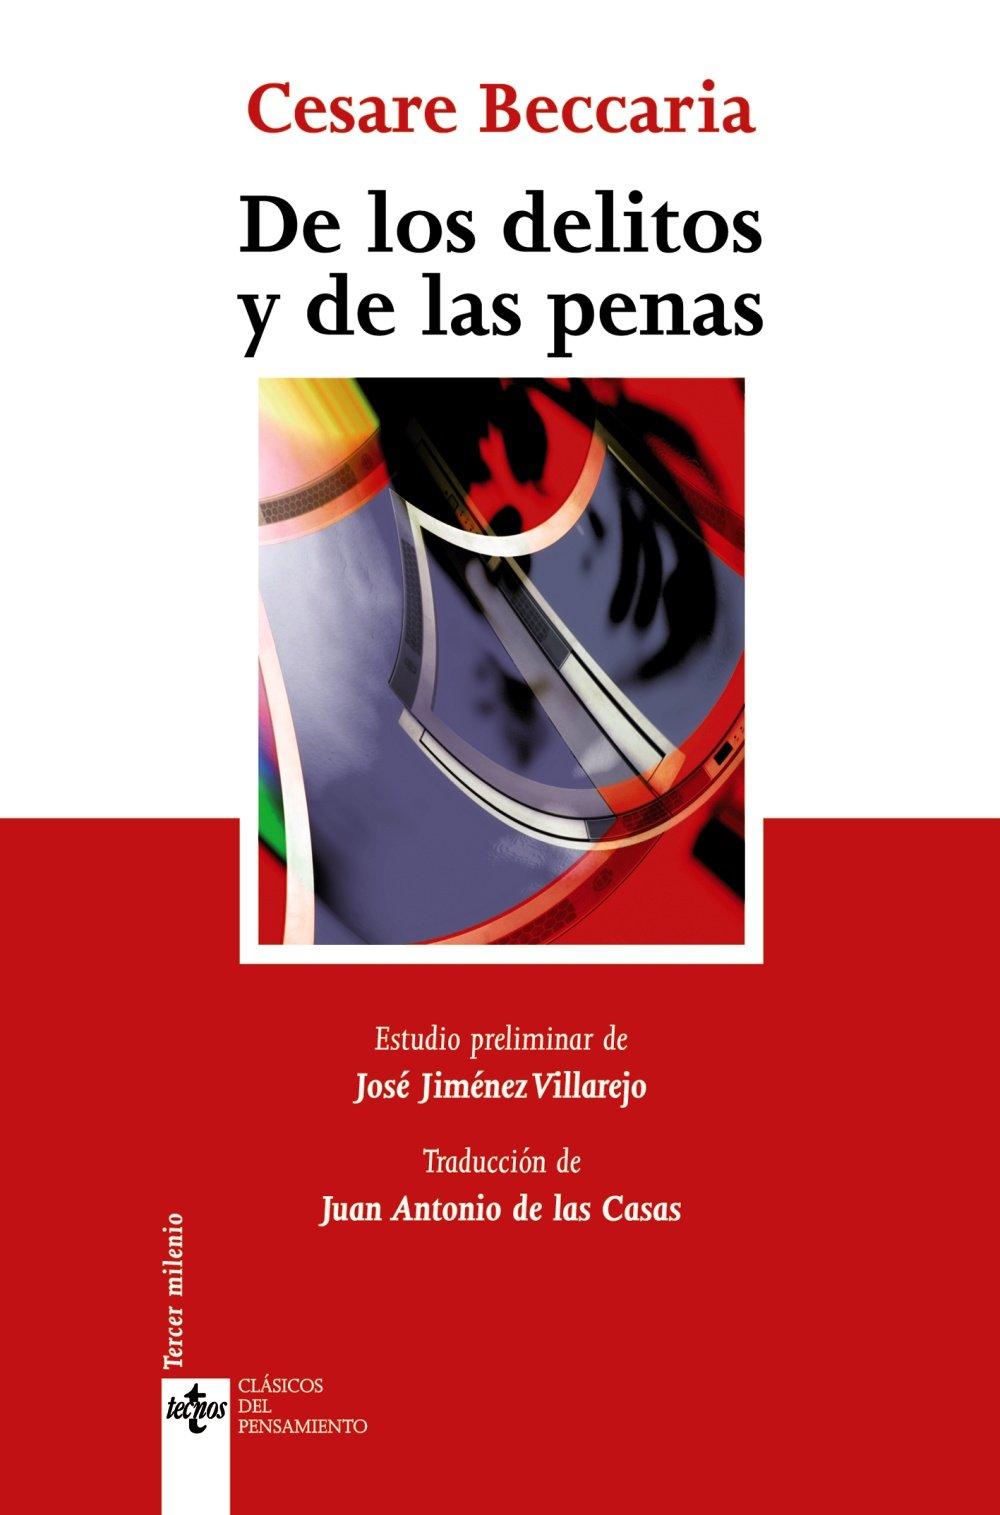 De los delitos y de las penas (Clásicos - Clásicos Del Pensamiento) Tapa blanda – 7 abr 2008 Cesare Beccaria Juan Antonio de las Casas Tecnos 8430946934